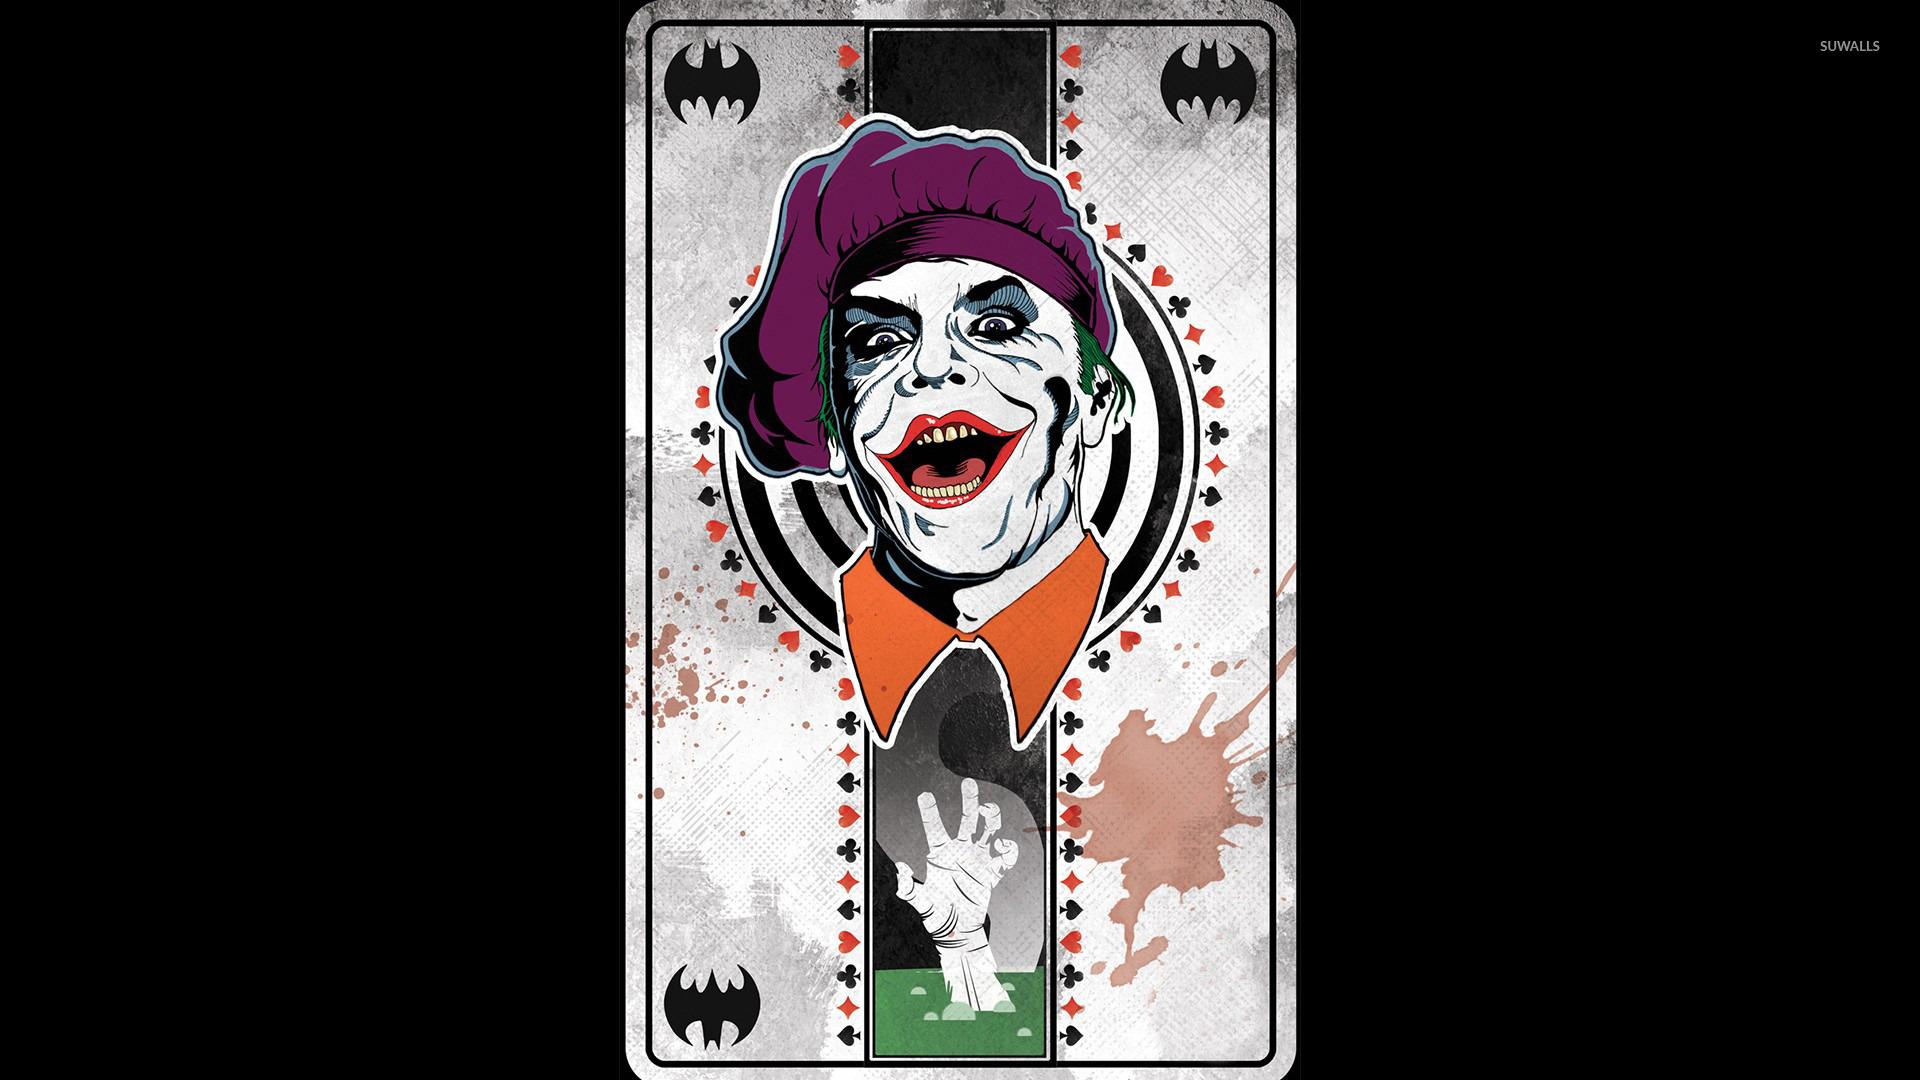 joker cartoon card wallpaper - photo #19